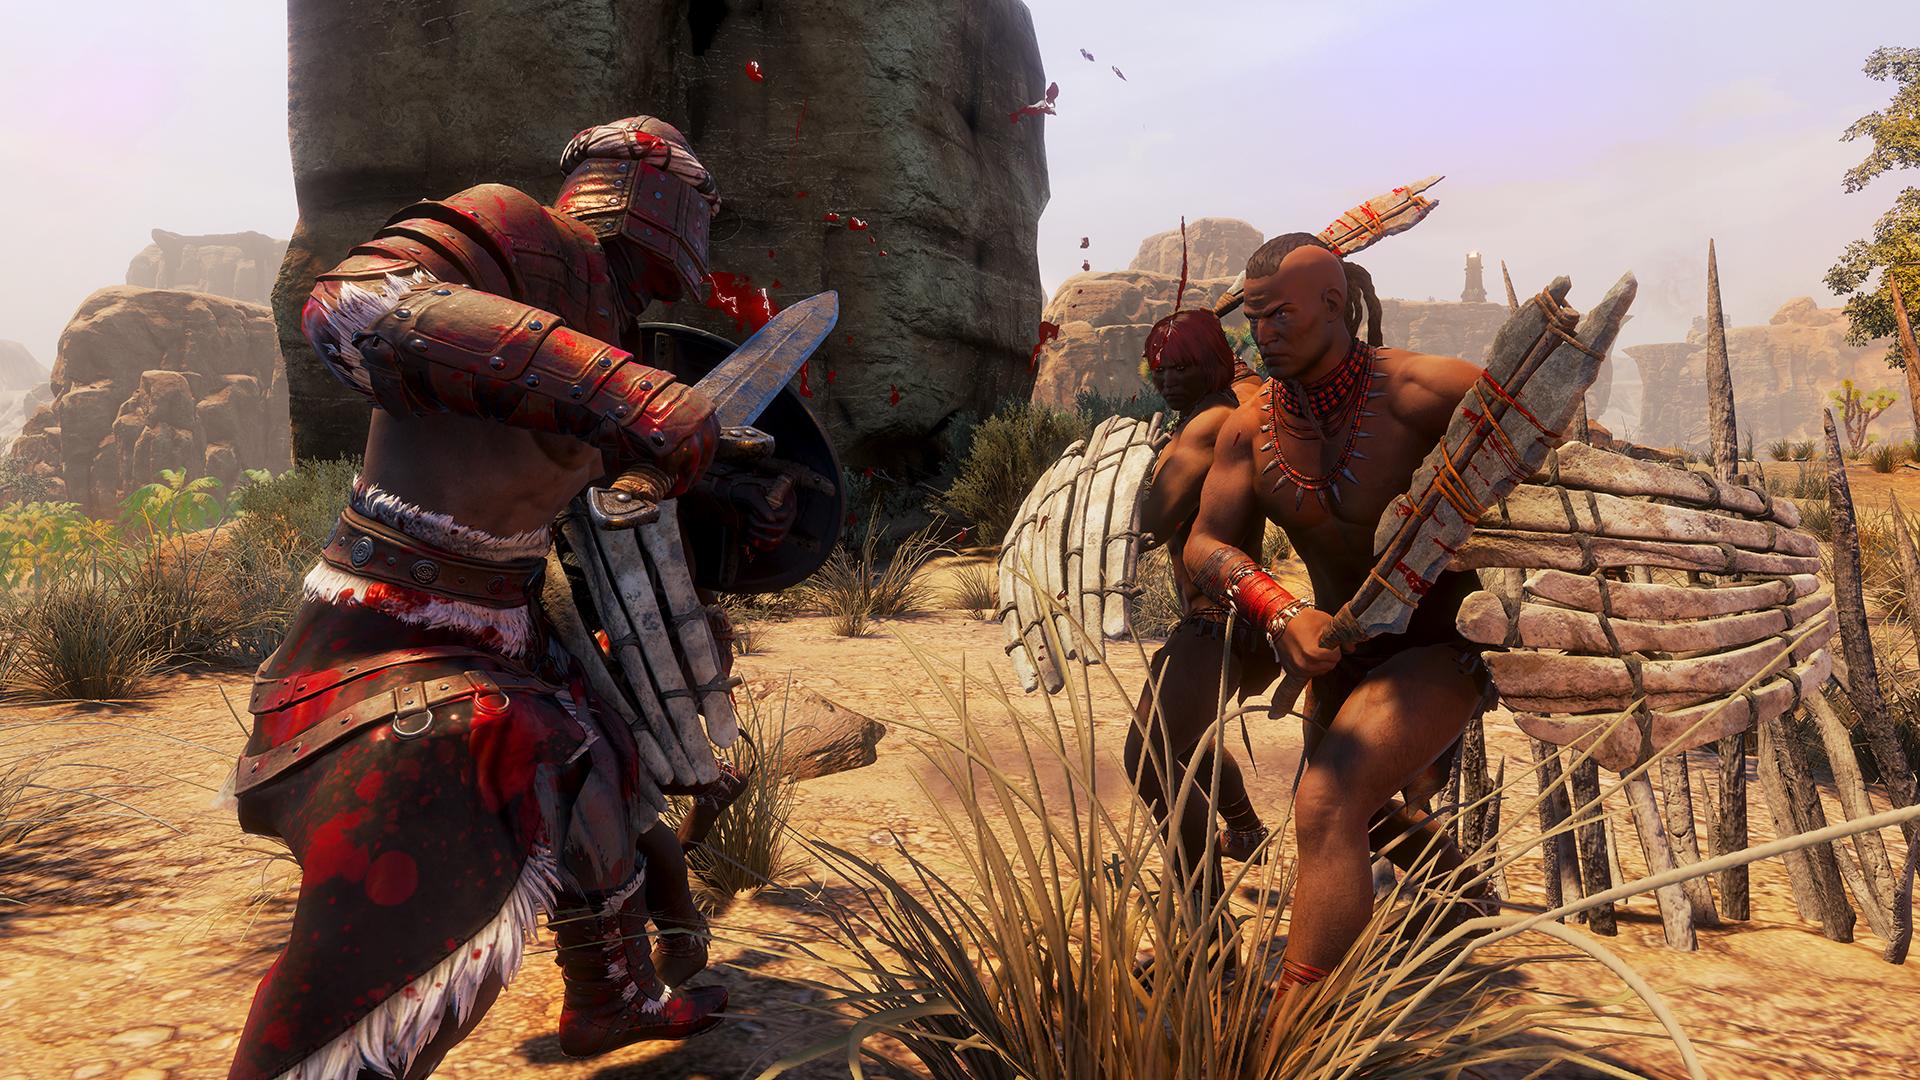 Conan Exiles to Use NVIDIA Ansel Tech